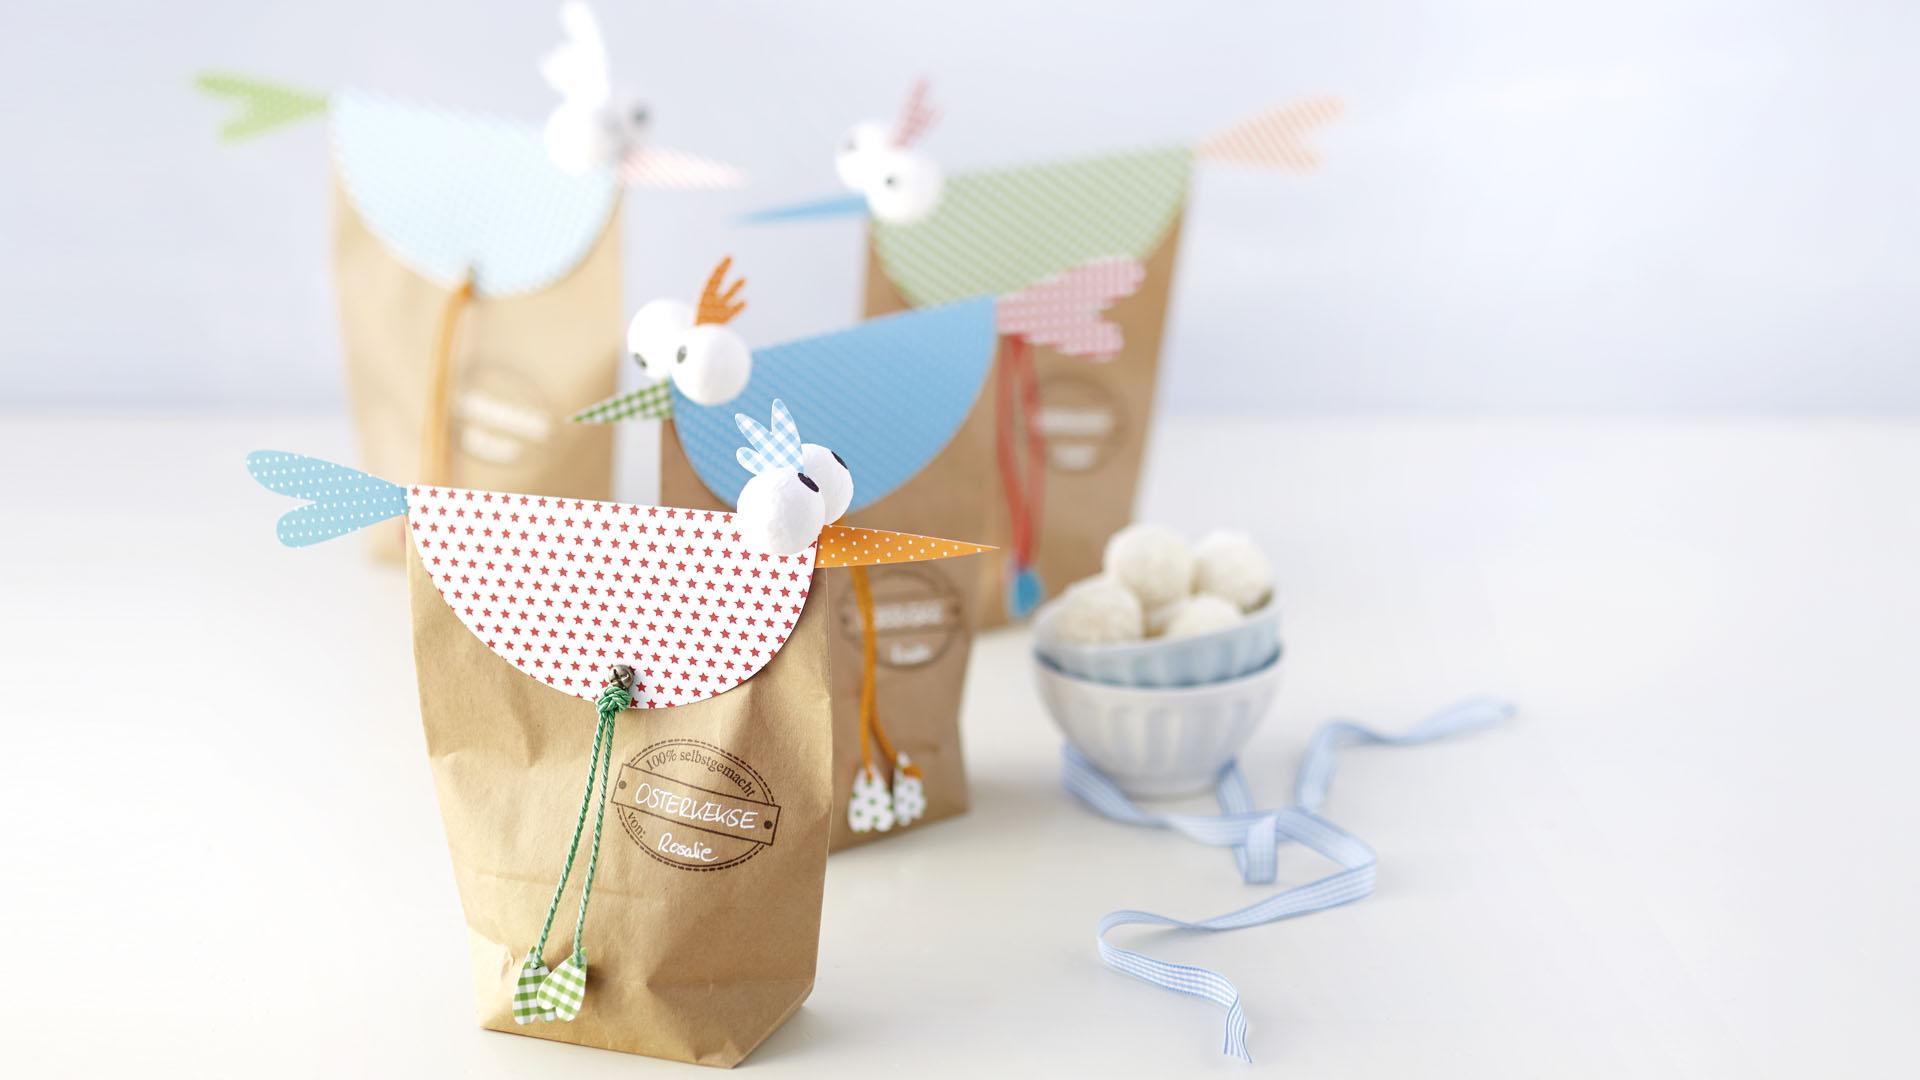 Ideen für den Frühling: Osterglück in Tüten | Fröhliche Verpackung für süße Geschenke